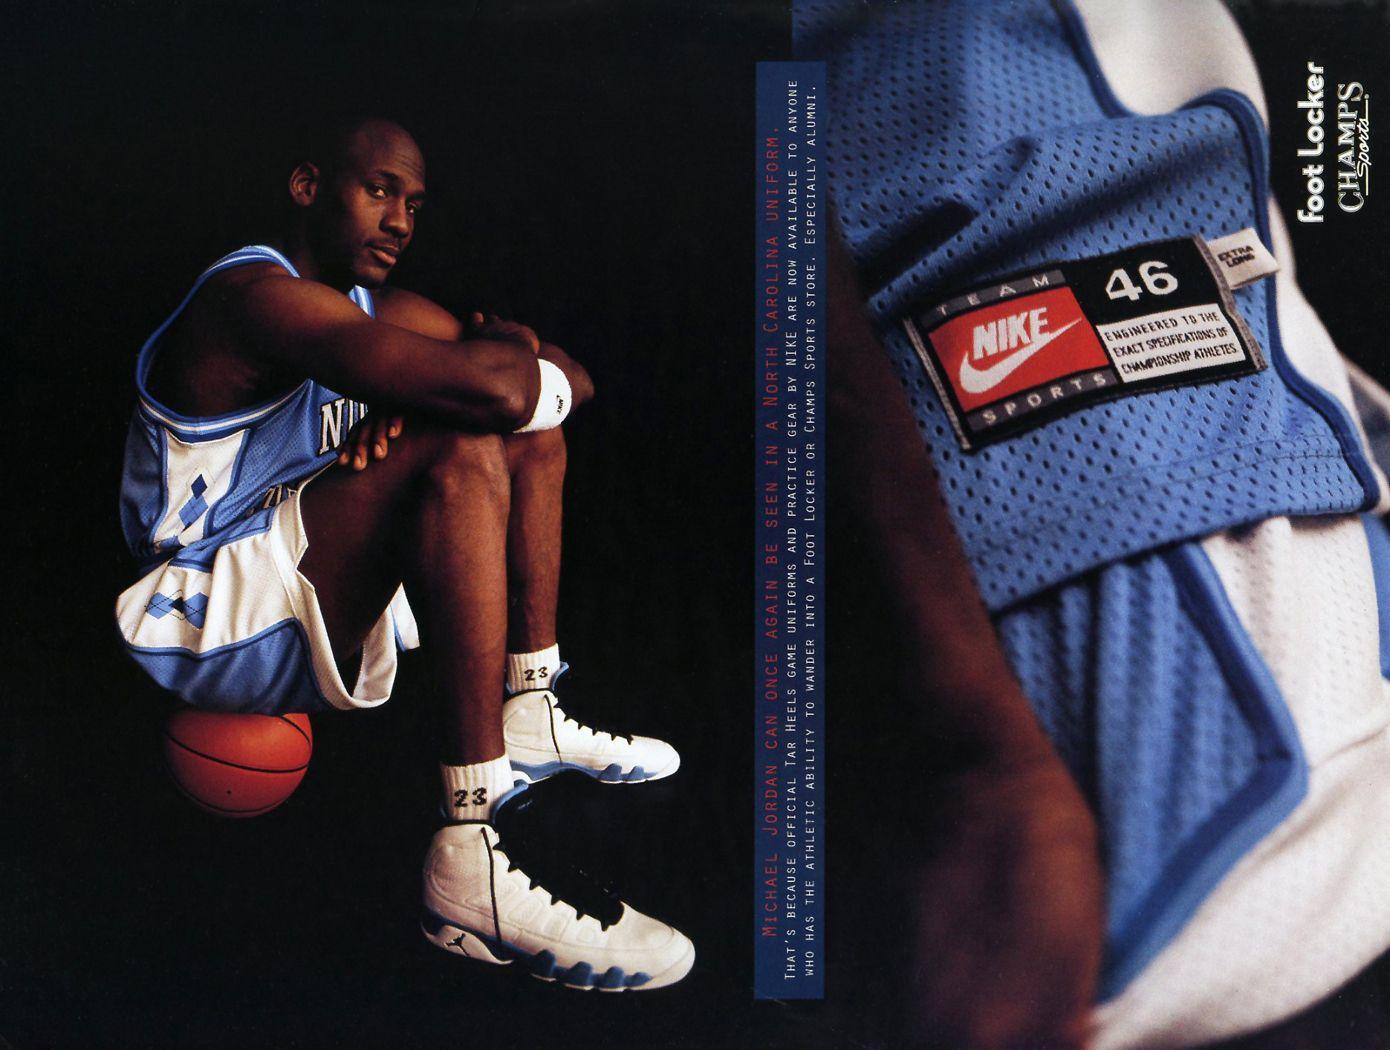 From North Carolina Top 15 Powder Blue Air Jordan Releases Of All Time Michael Jordan Nike Ad Jordans